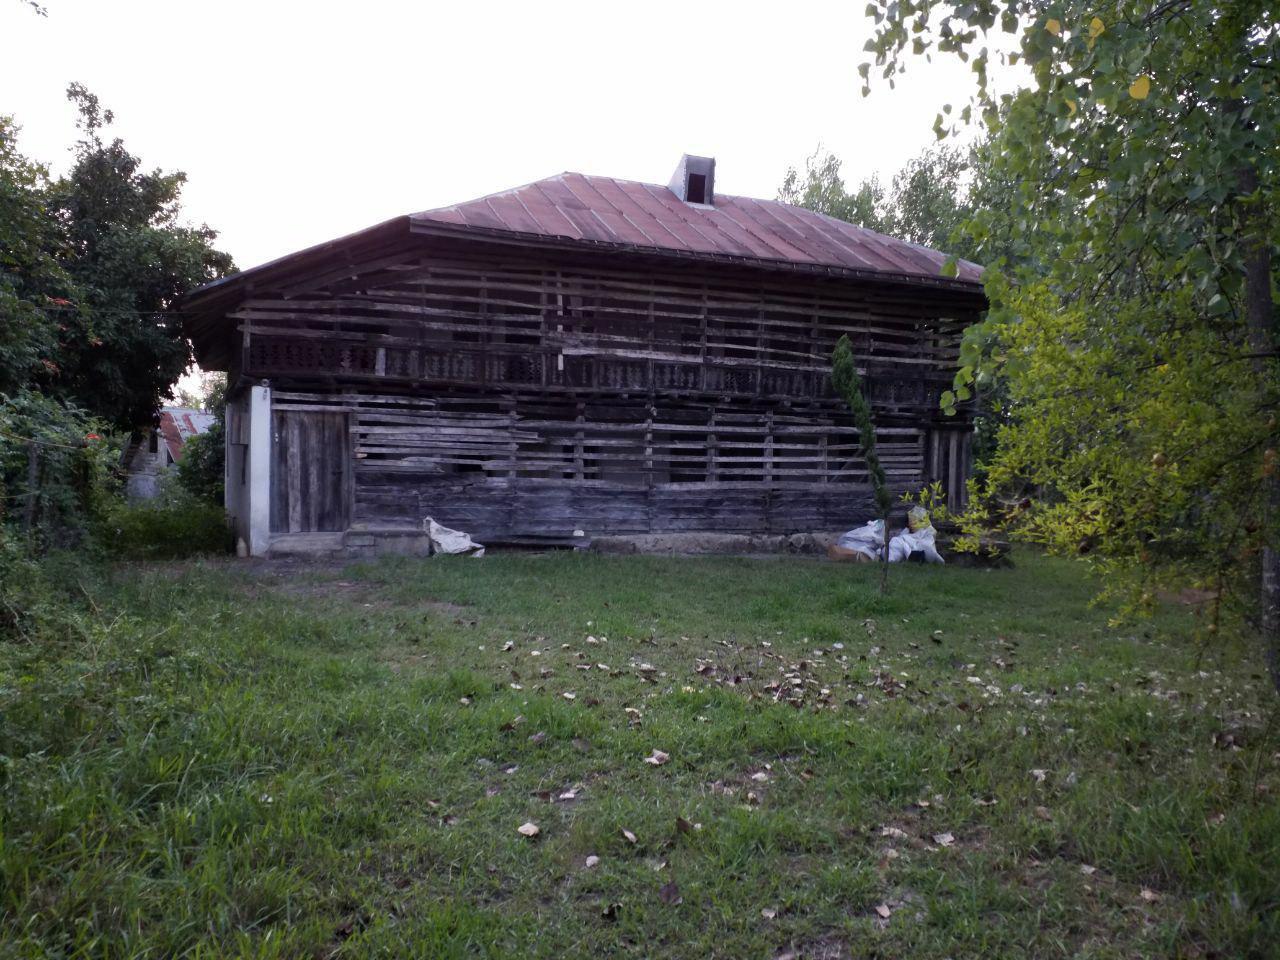 فروش زمین با خانه روستایی چوبی لاهیجان